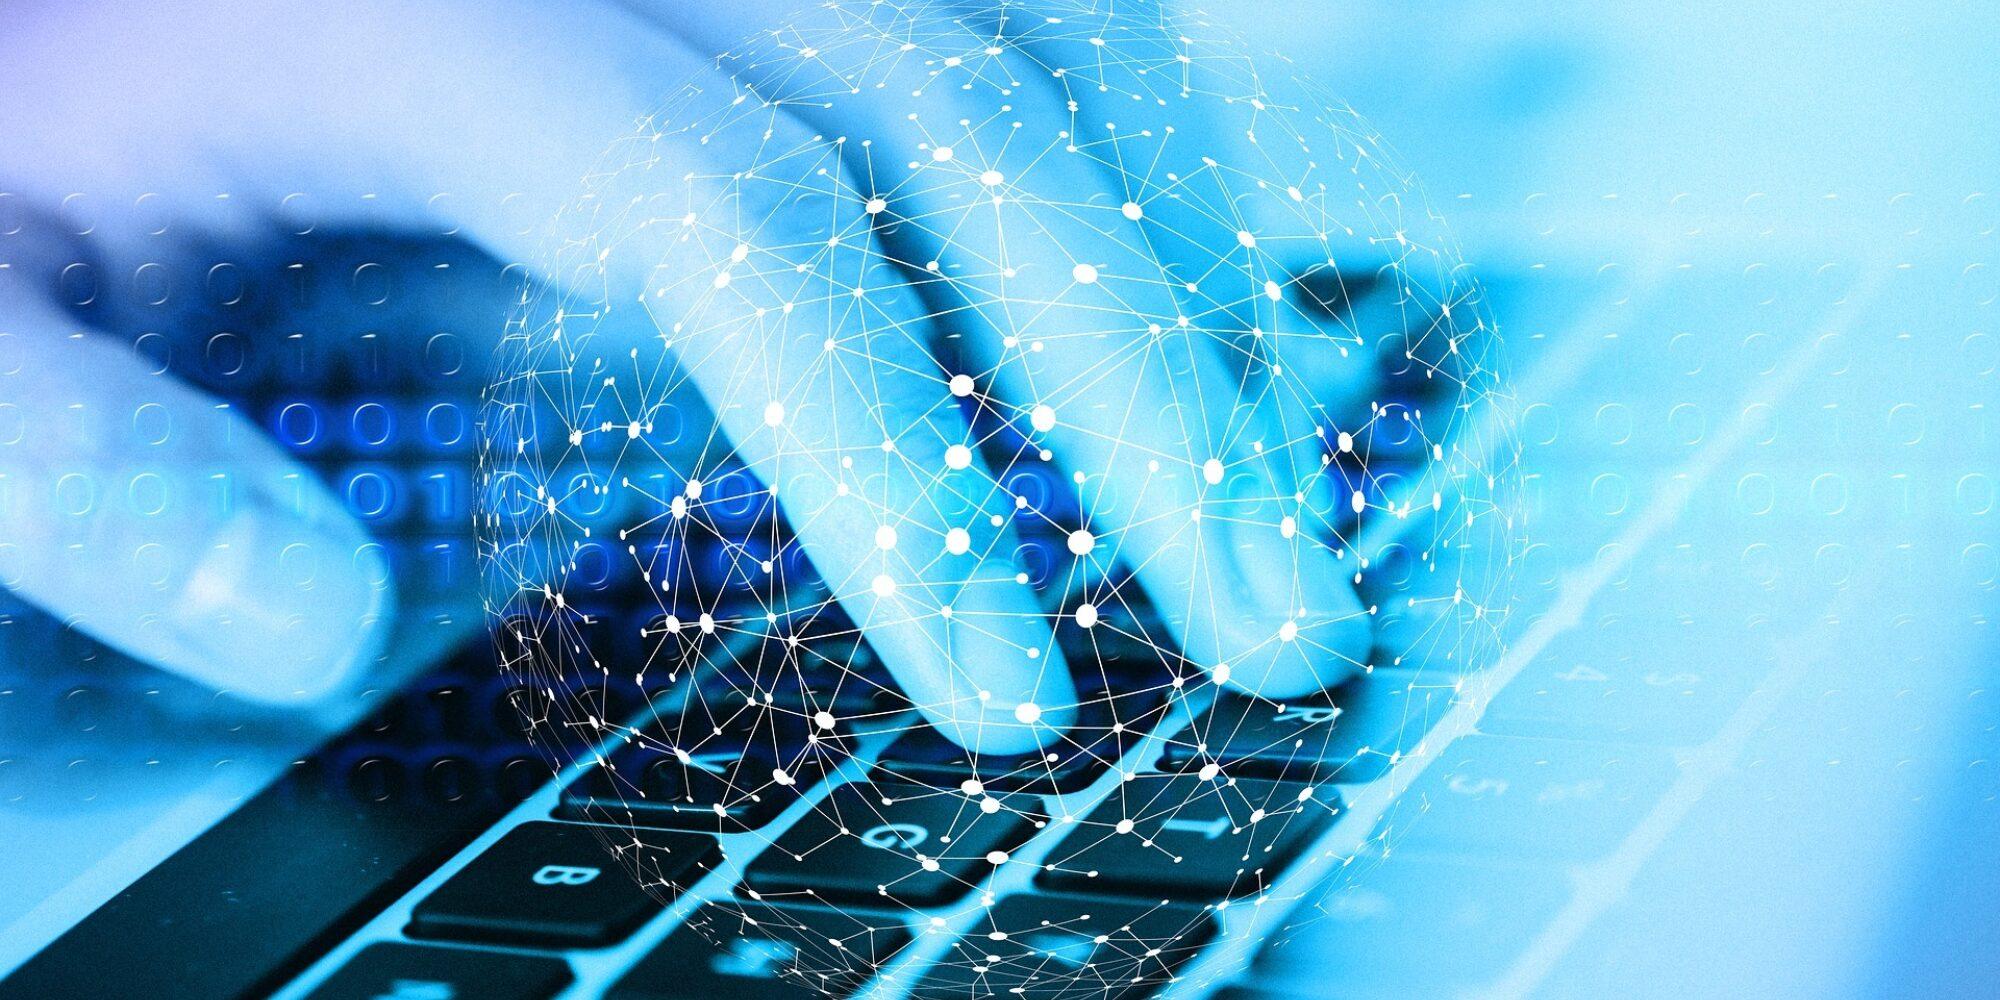 Les technologies numériques face à la COVID-19 au Québec